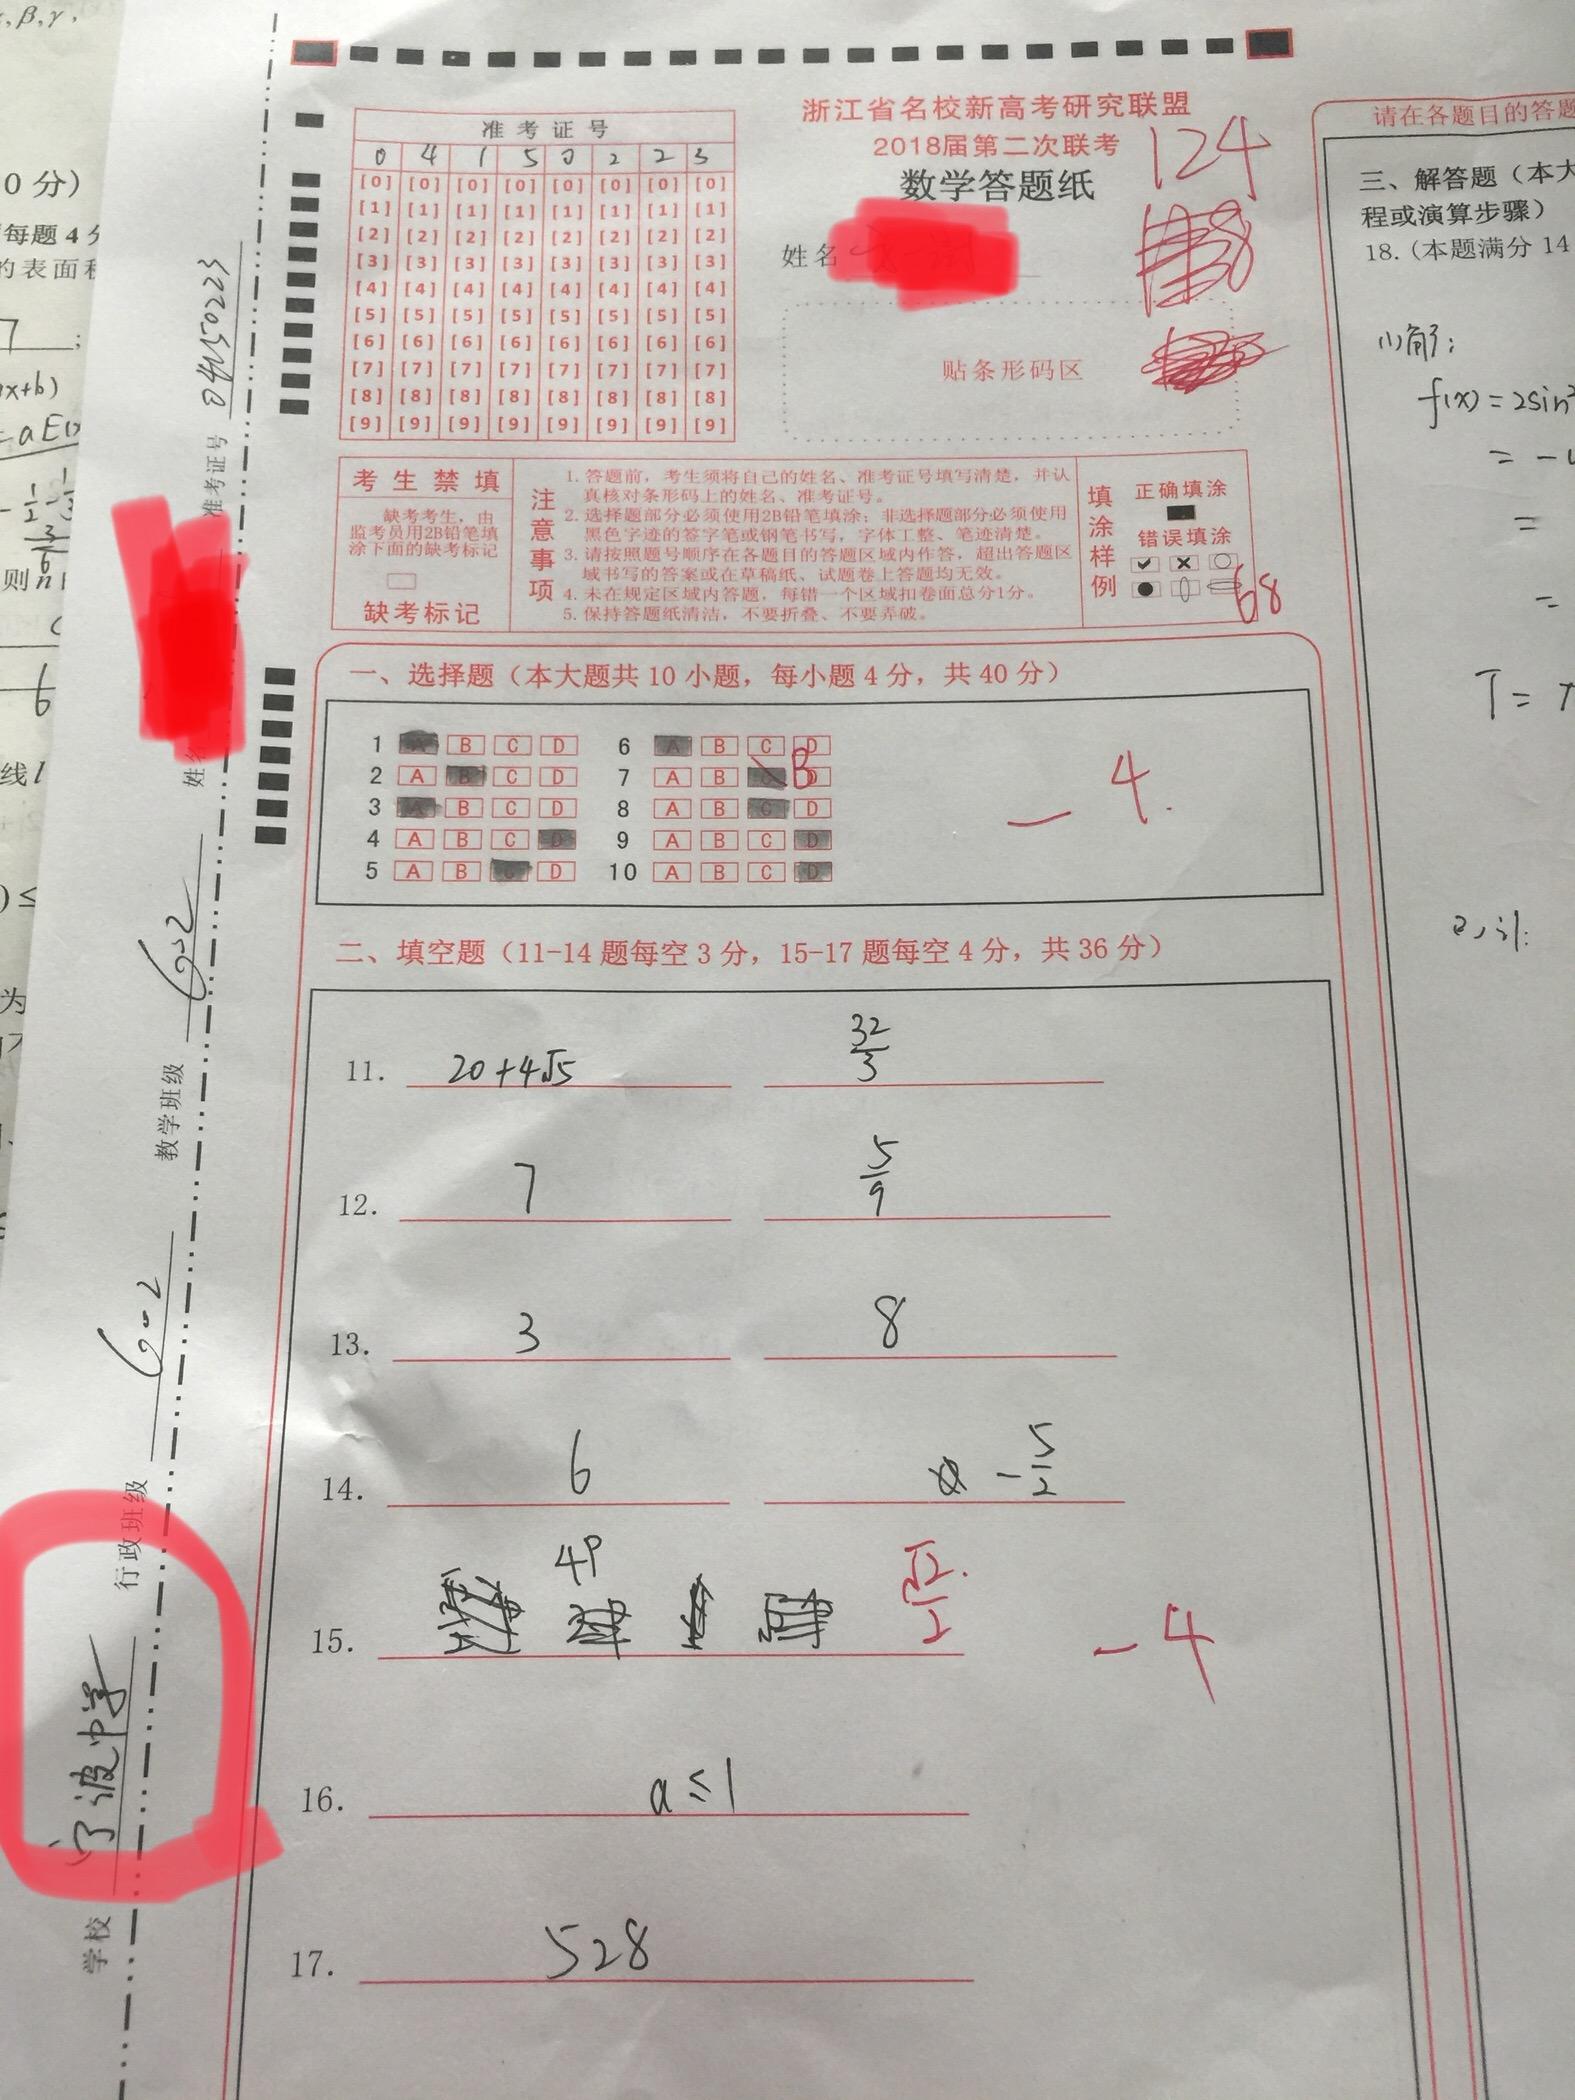 梁老师师相册25